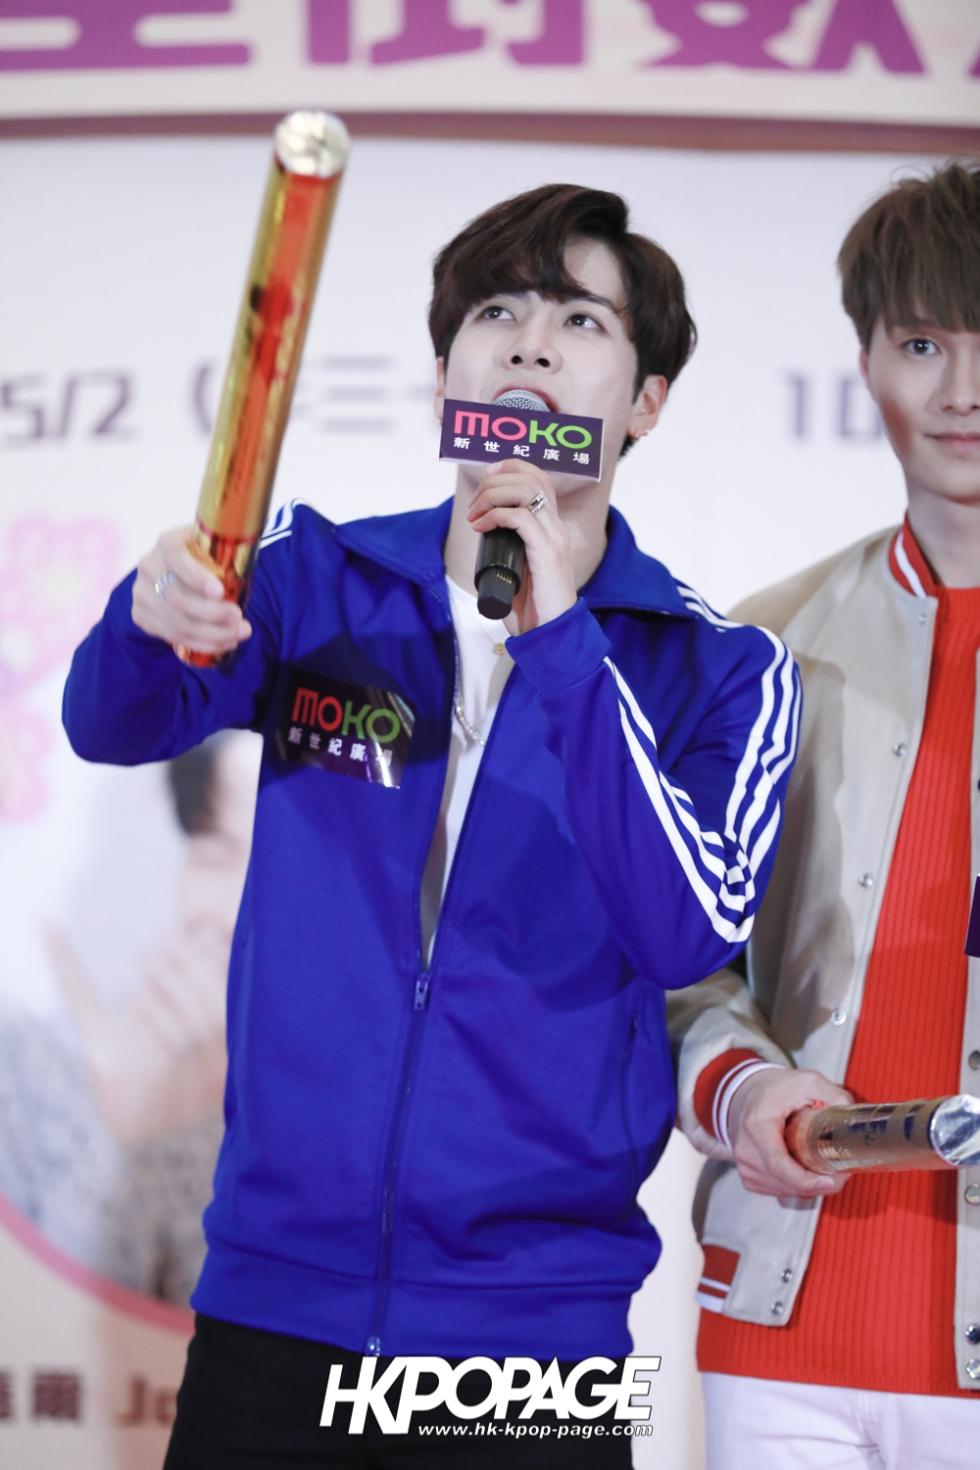 [HK.KPOP.PAGE] 180215_Jackson Wang MOKO Countdown Event_26